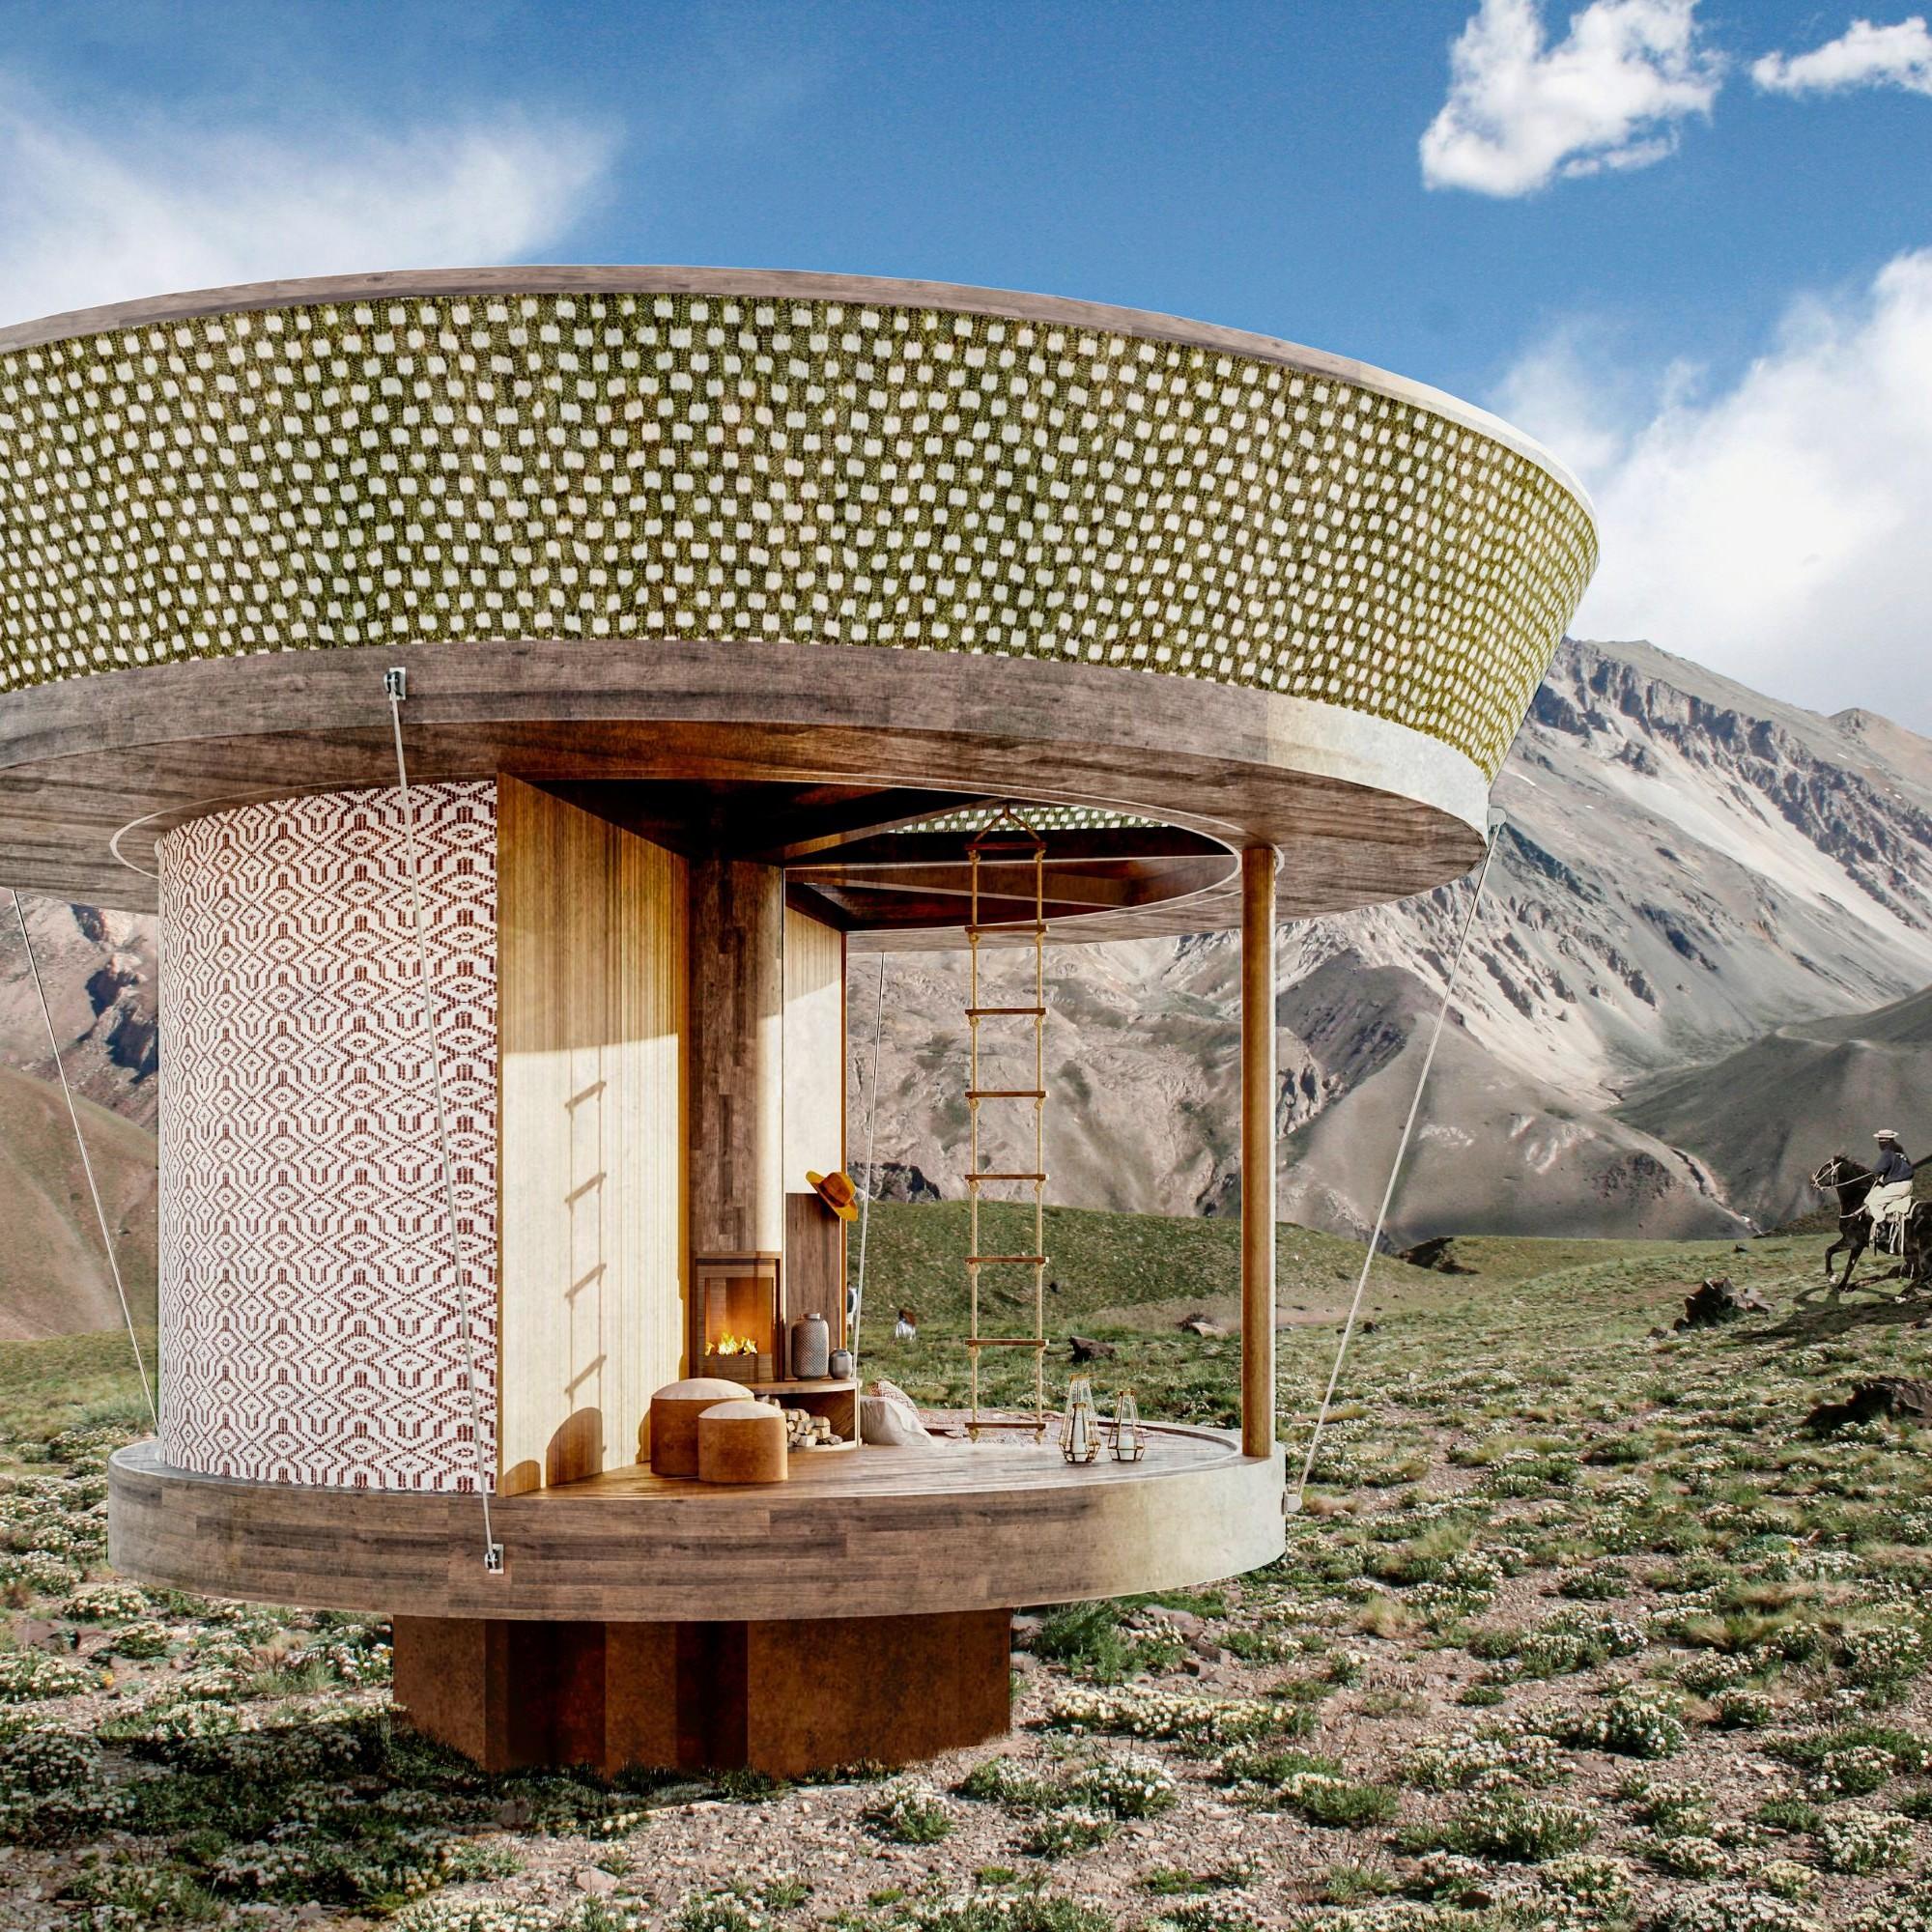 Das Minihaus ist auf solidem Fundament gebaut und bietet Schutz. Die feine Hülle ermöglicht zugleich ein unmittelbares Erleben der Natur.